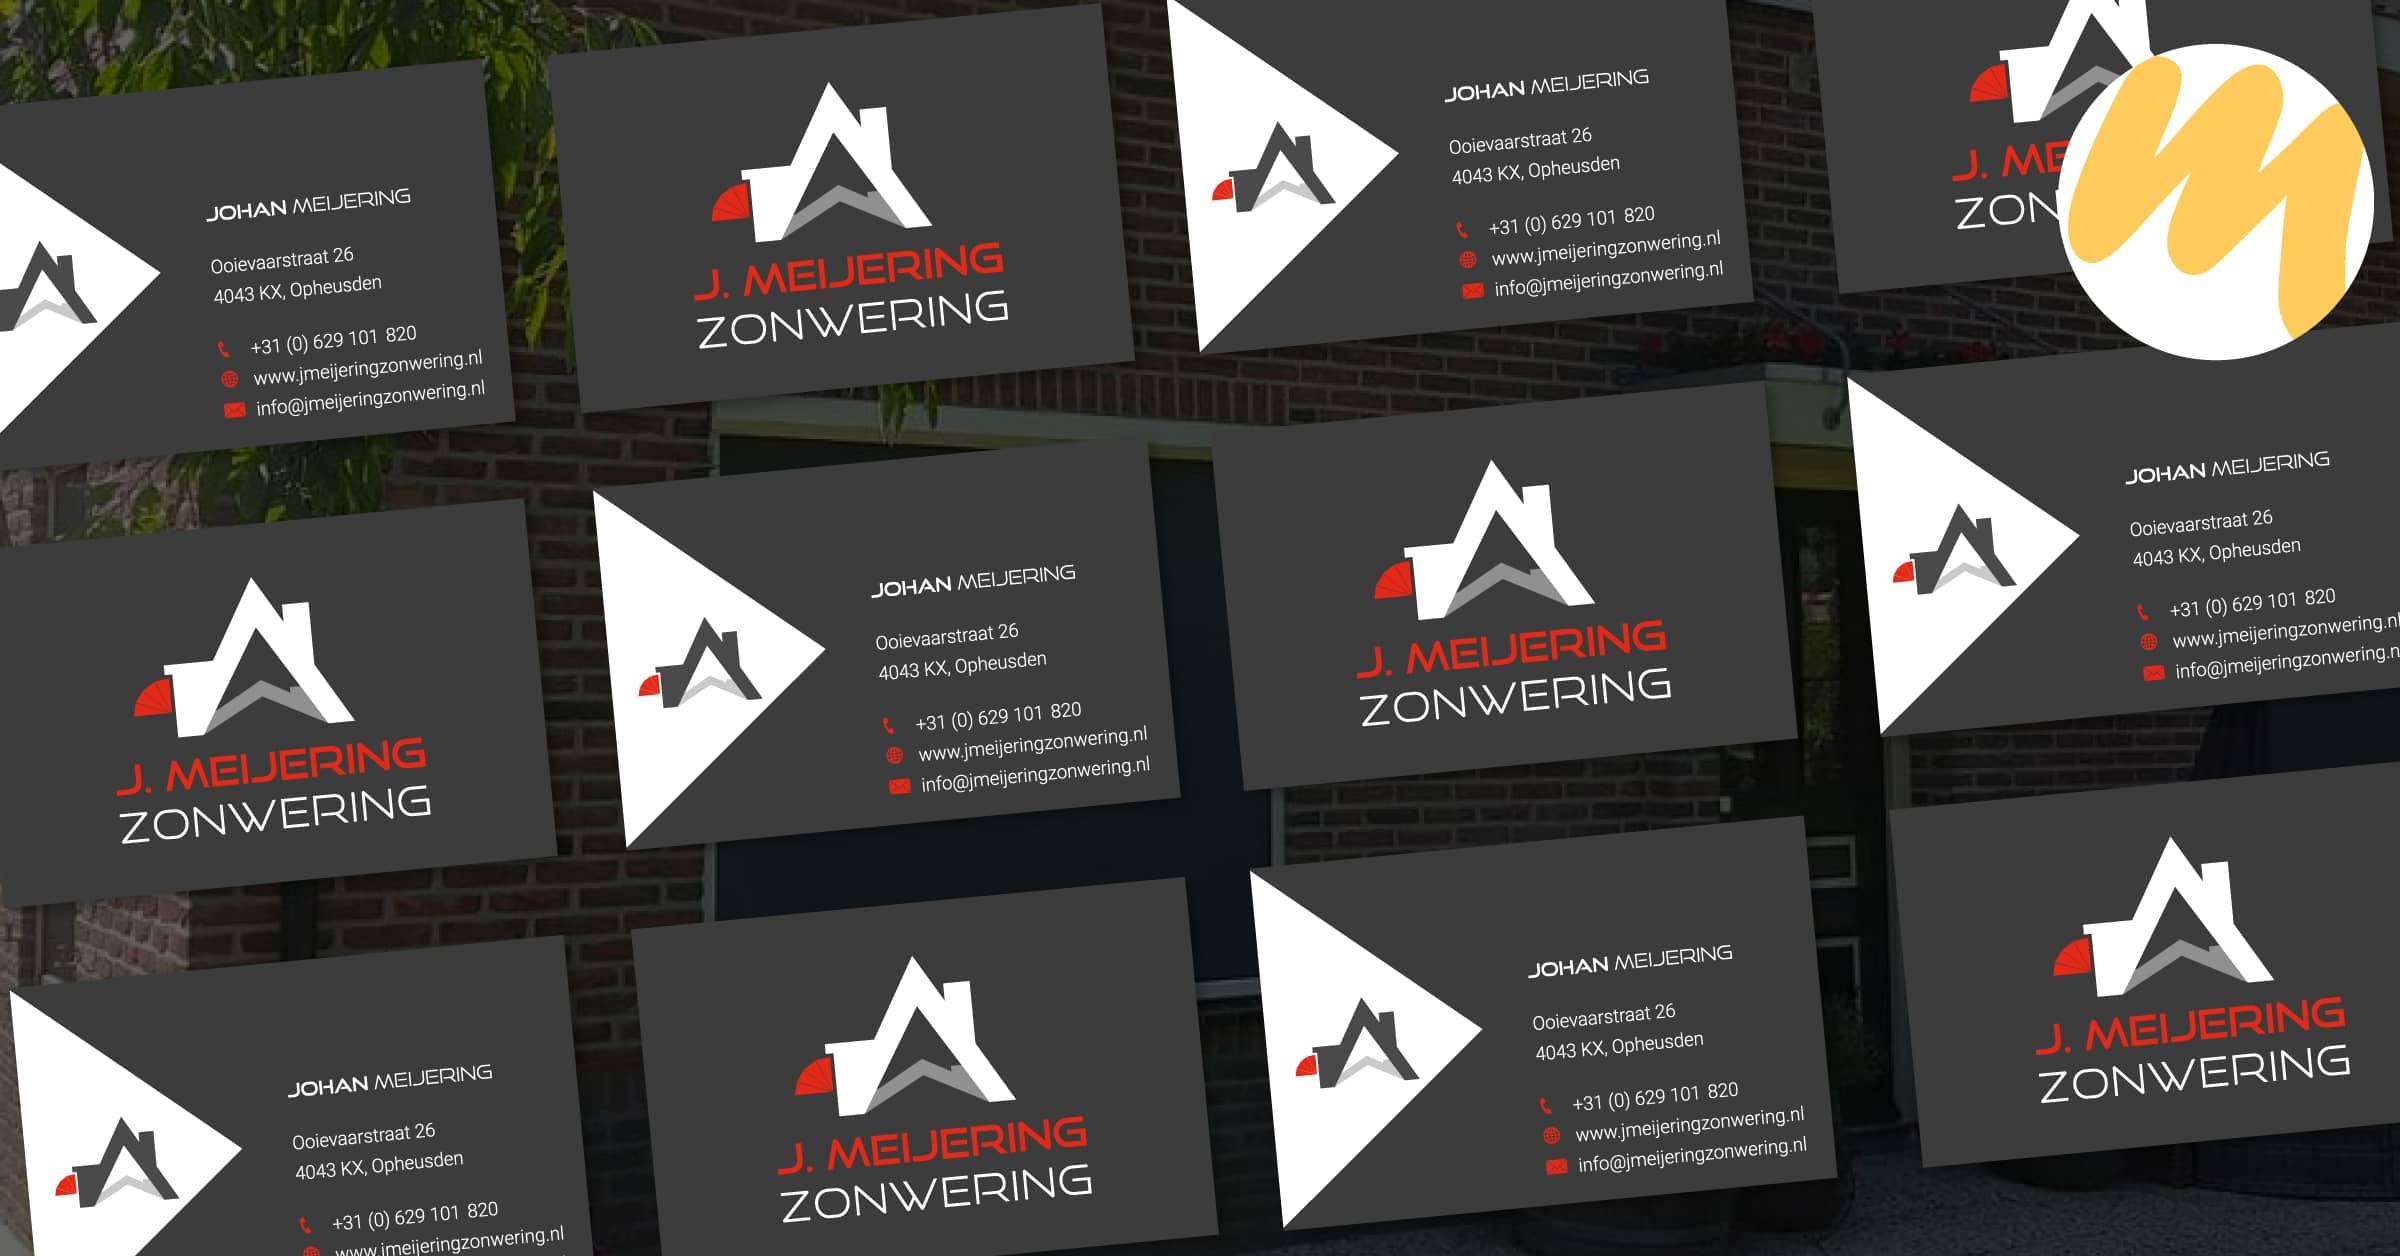 Visitekaartjes   J. Meijering Zonwering   Grafisch Ontwerp door Esmy Media Design   Webdesign Tiel